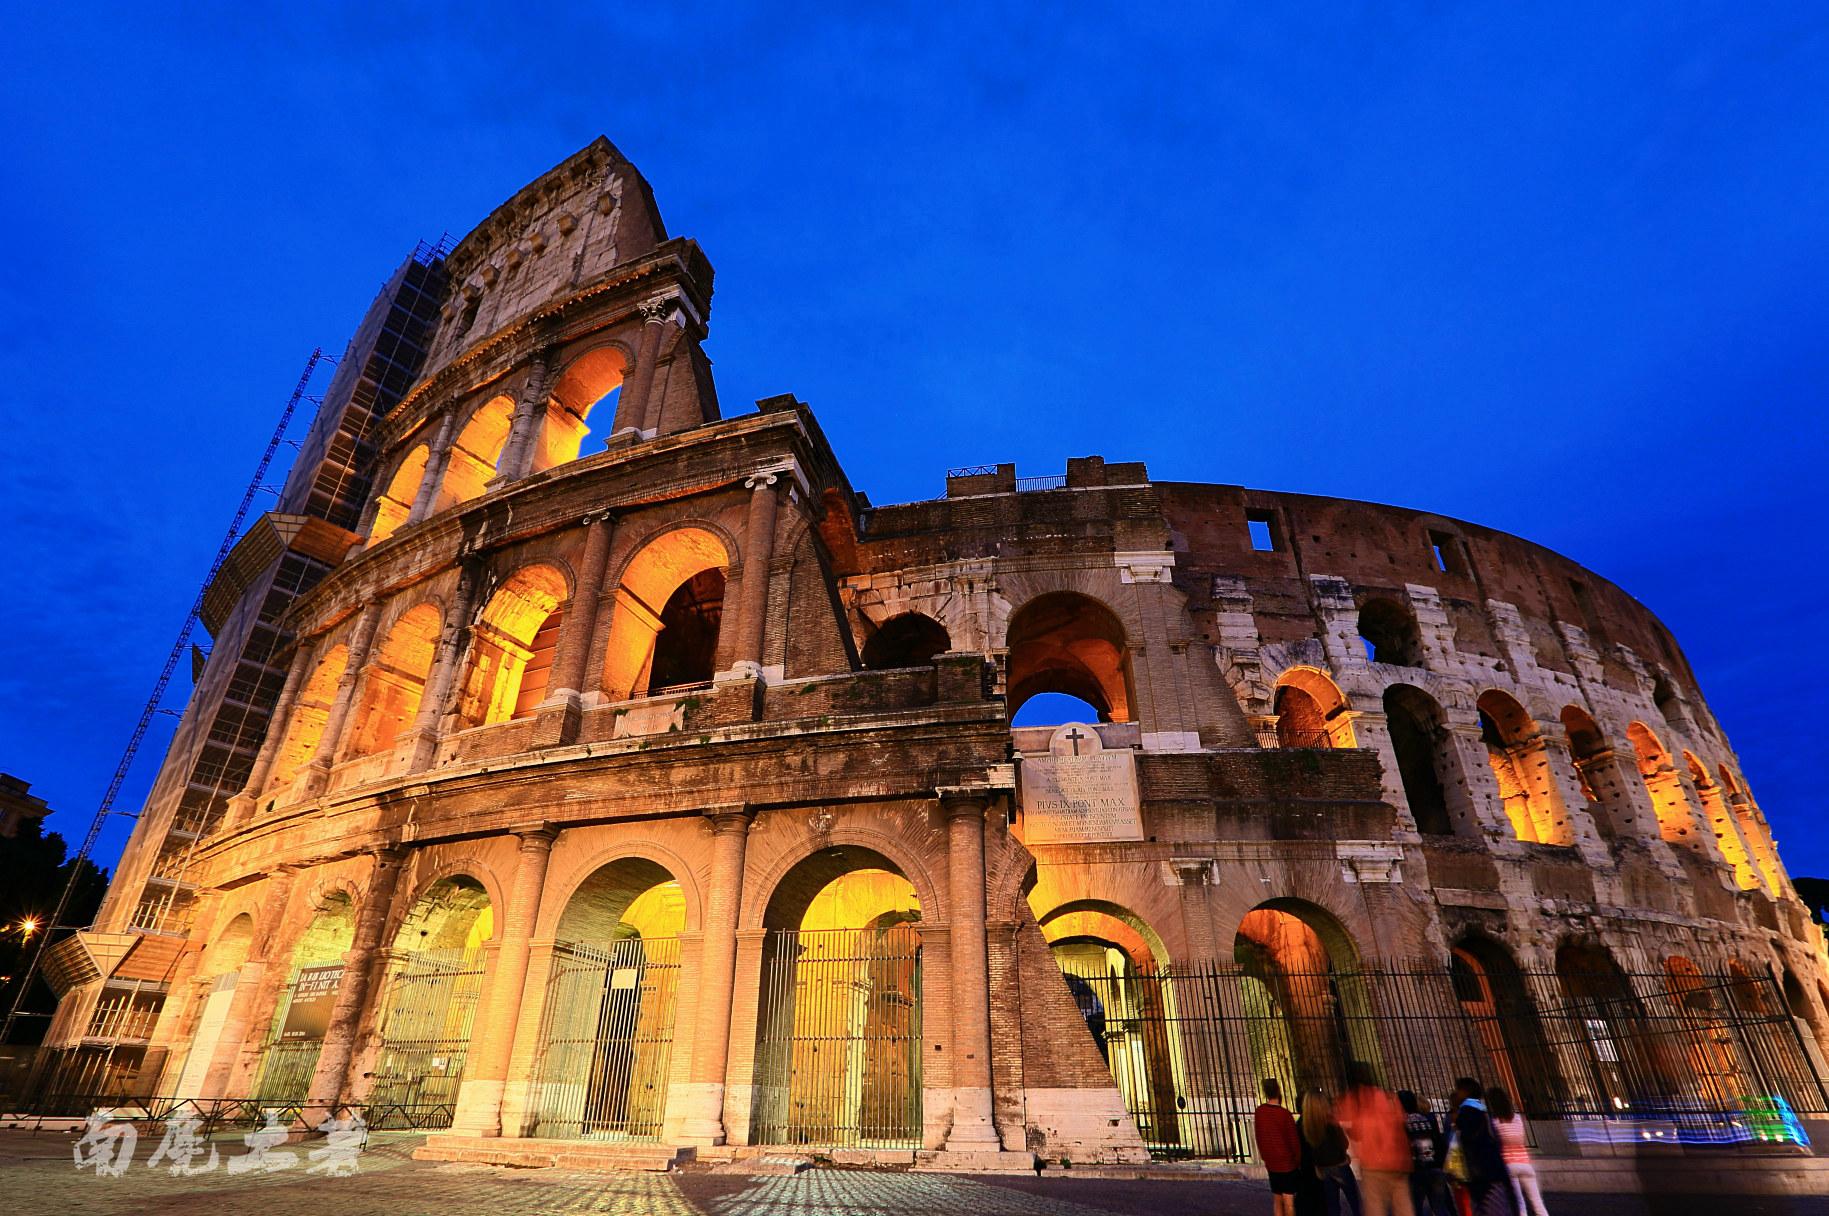 从竞技场看古罗马的历史有多么厚重